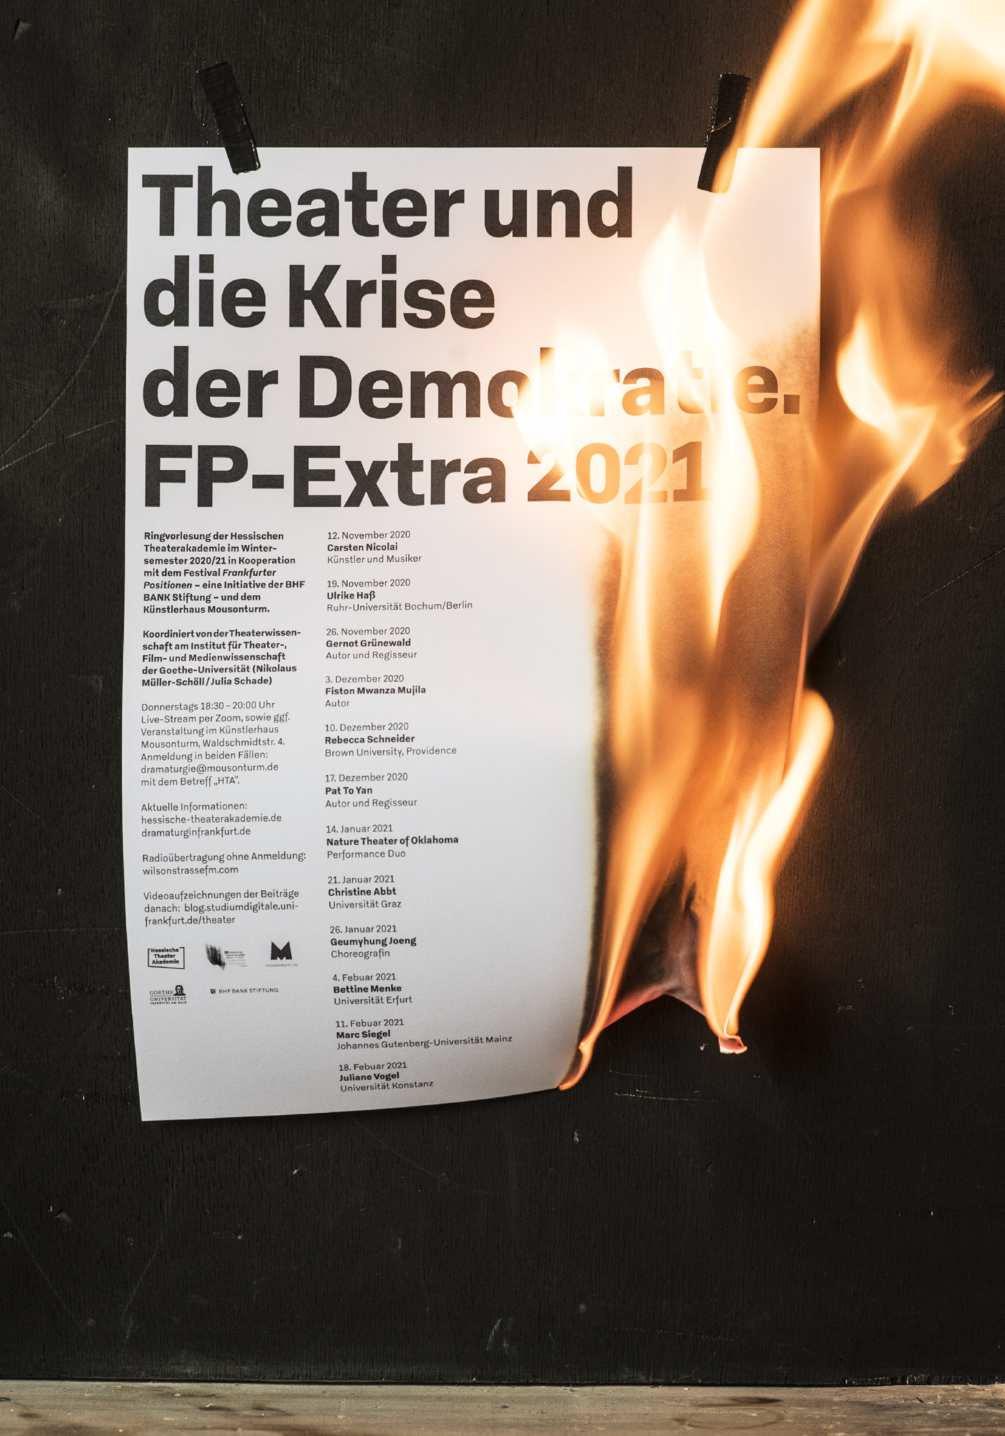 krise-der-demokratie-photo-04-1005x1436px